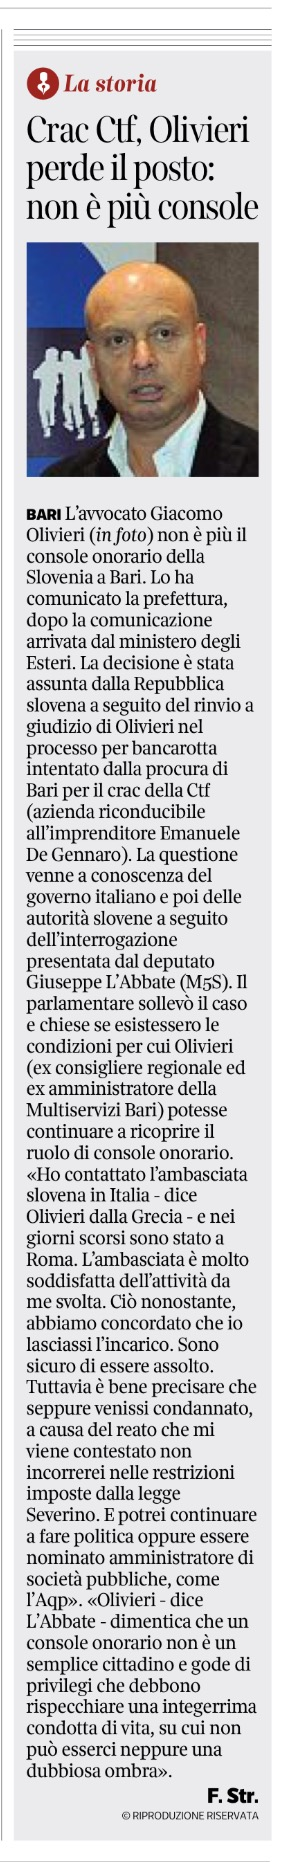 Il Corriere del Mezzogiorno - 02.08.2017